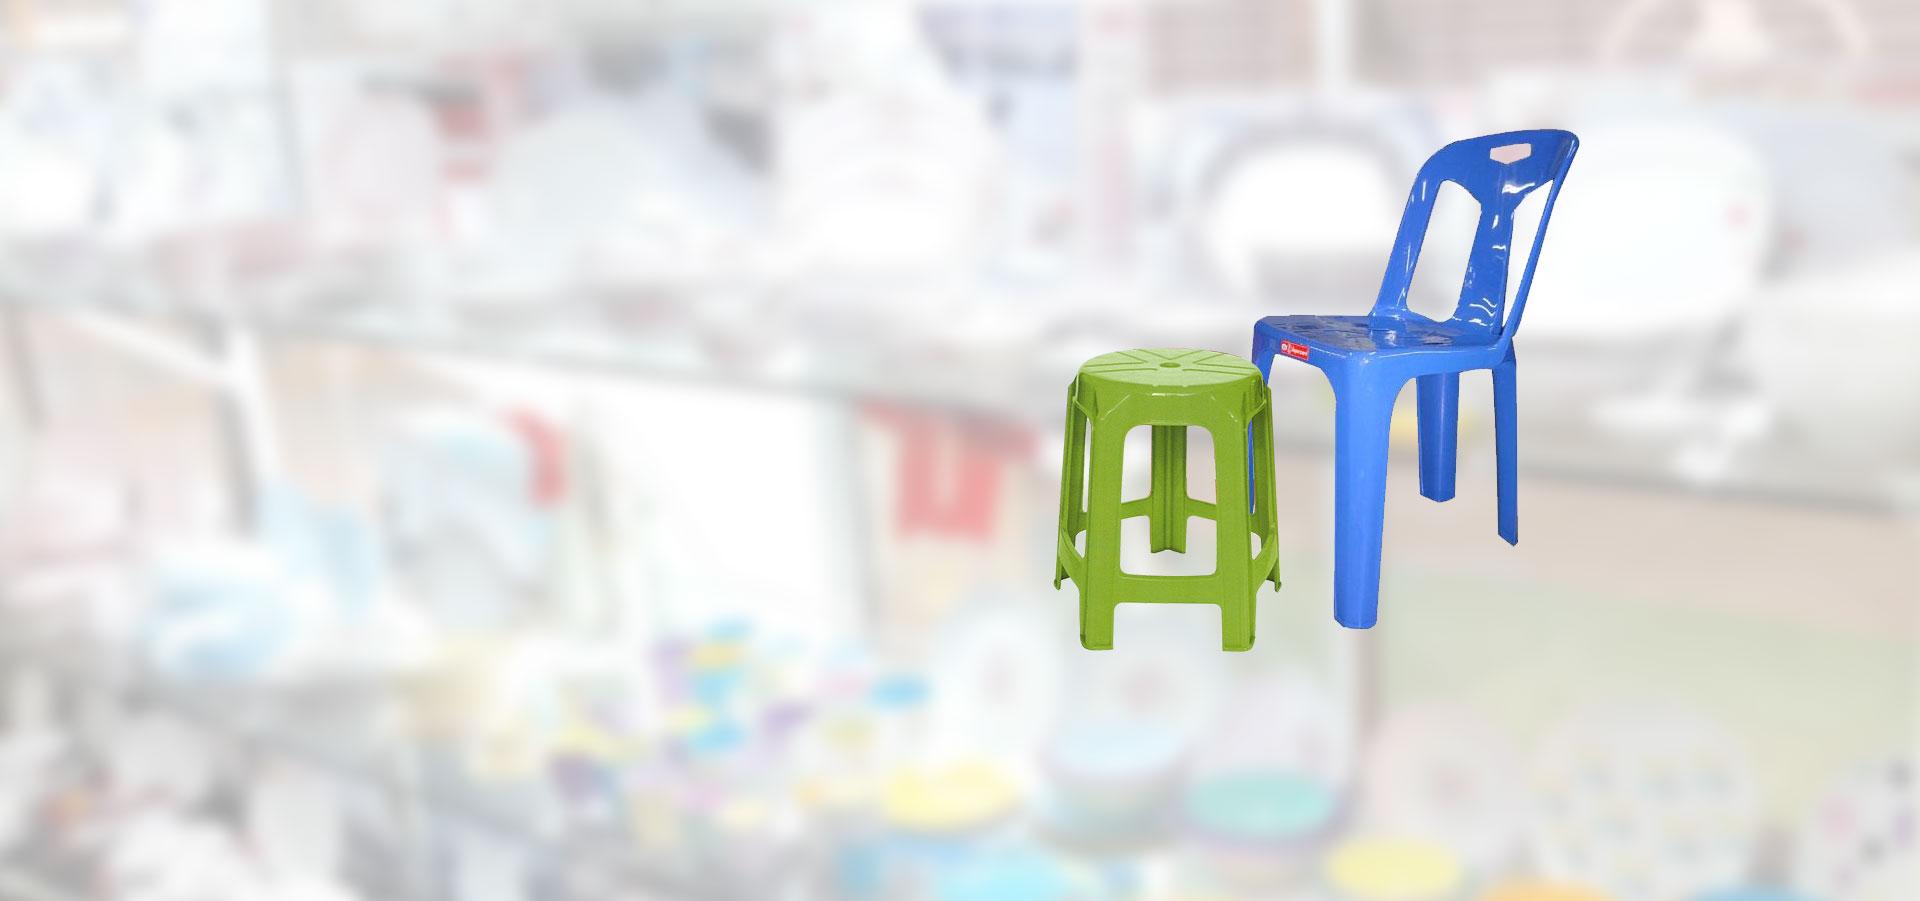 เก้าอี้พลาสติกซุปเปอร์แวร์